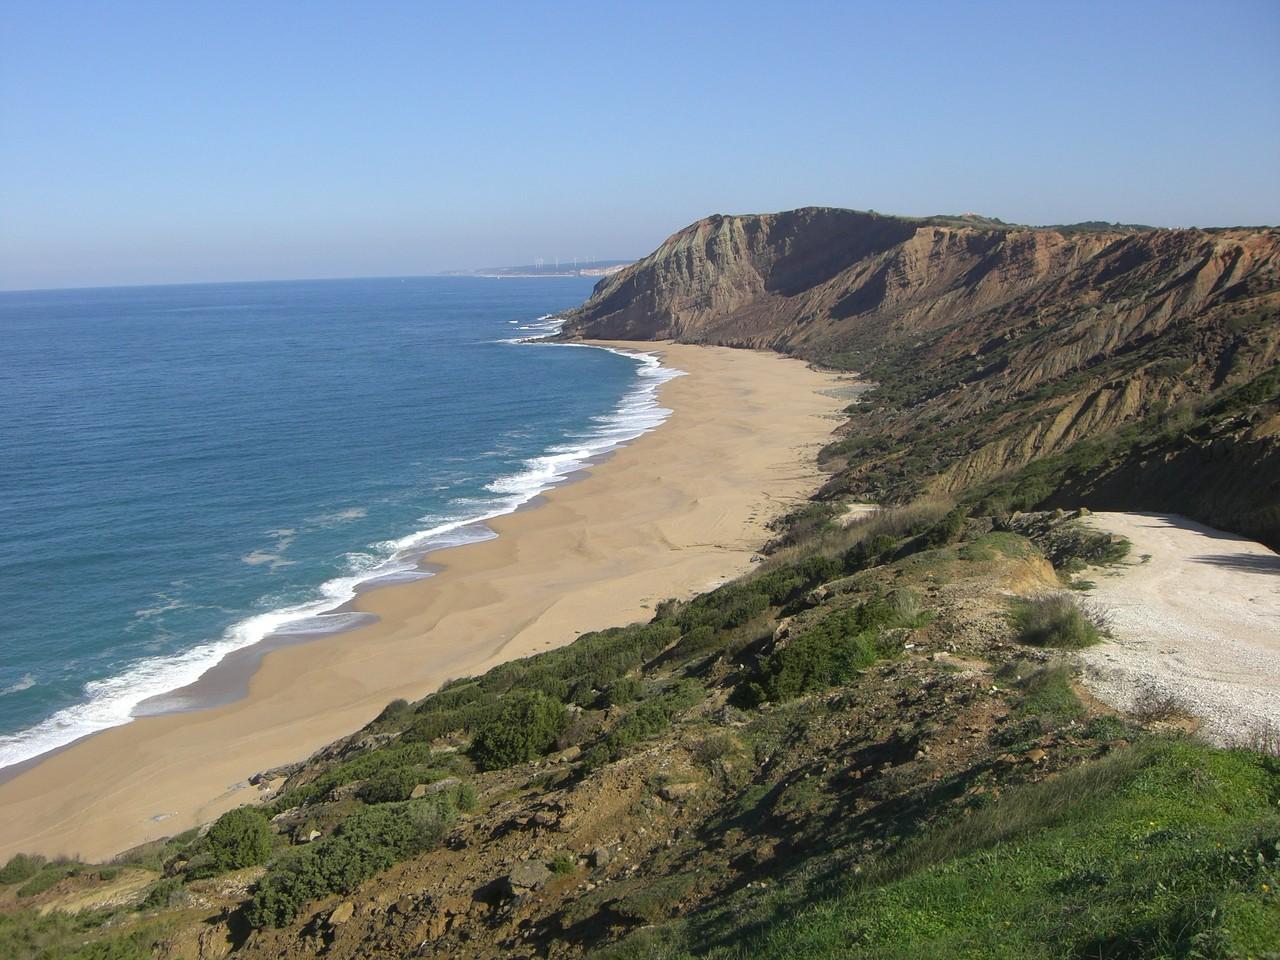 Der Praia del Gralha von oben. Urlaub in Portugal an der Costa de Prata.